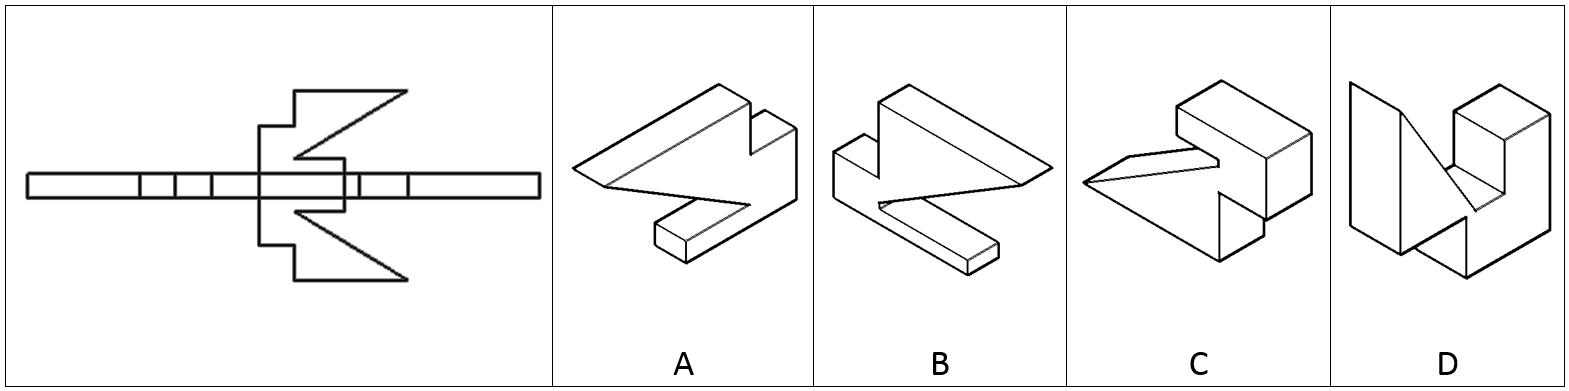 Pattern Folding_free 10